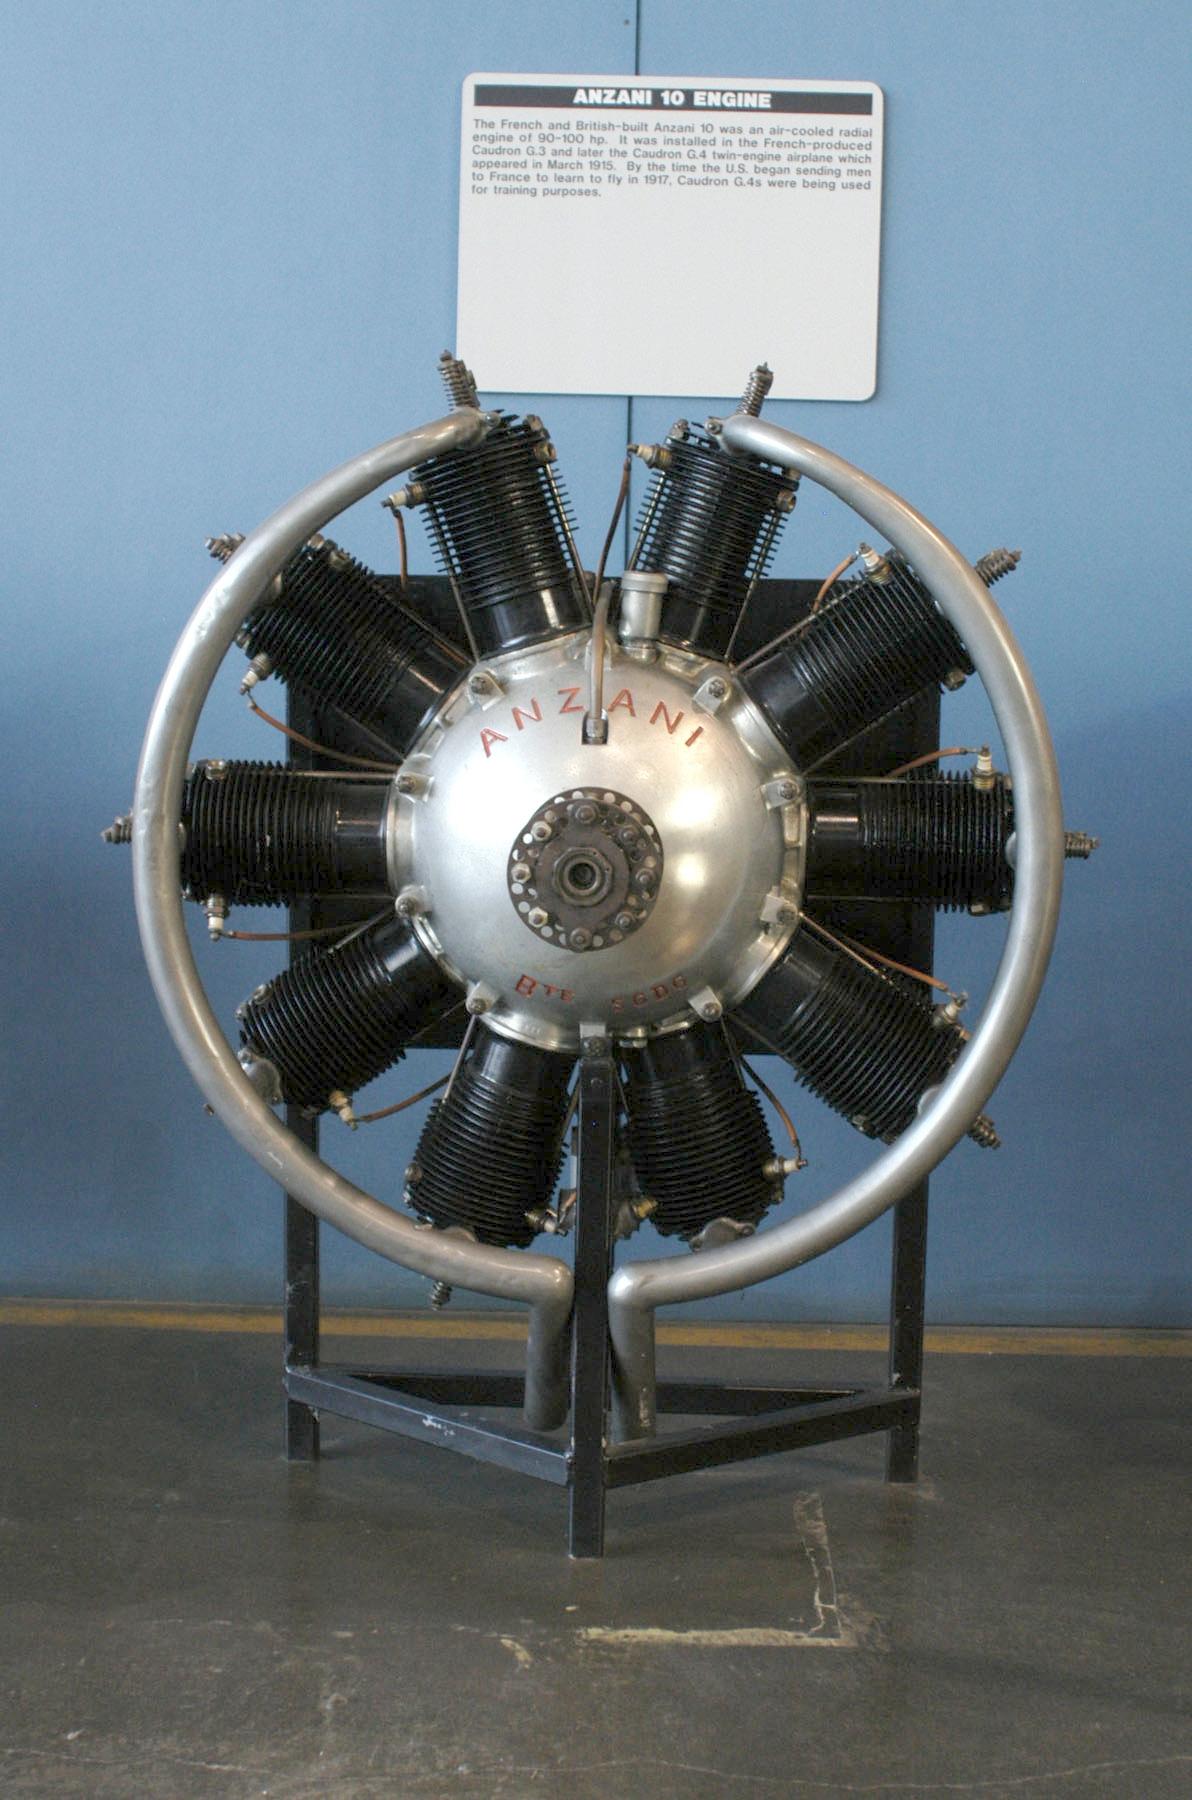 Anzani 10-cylinder - Wikipedia